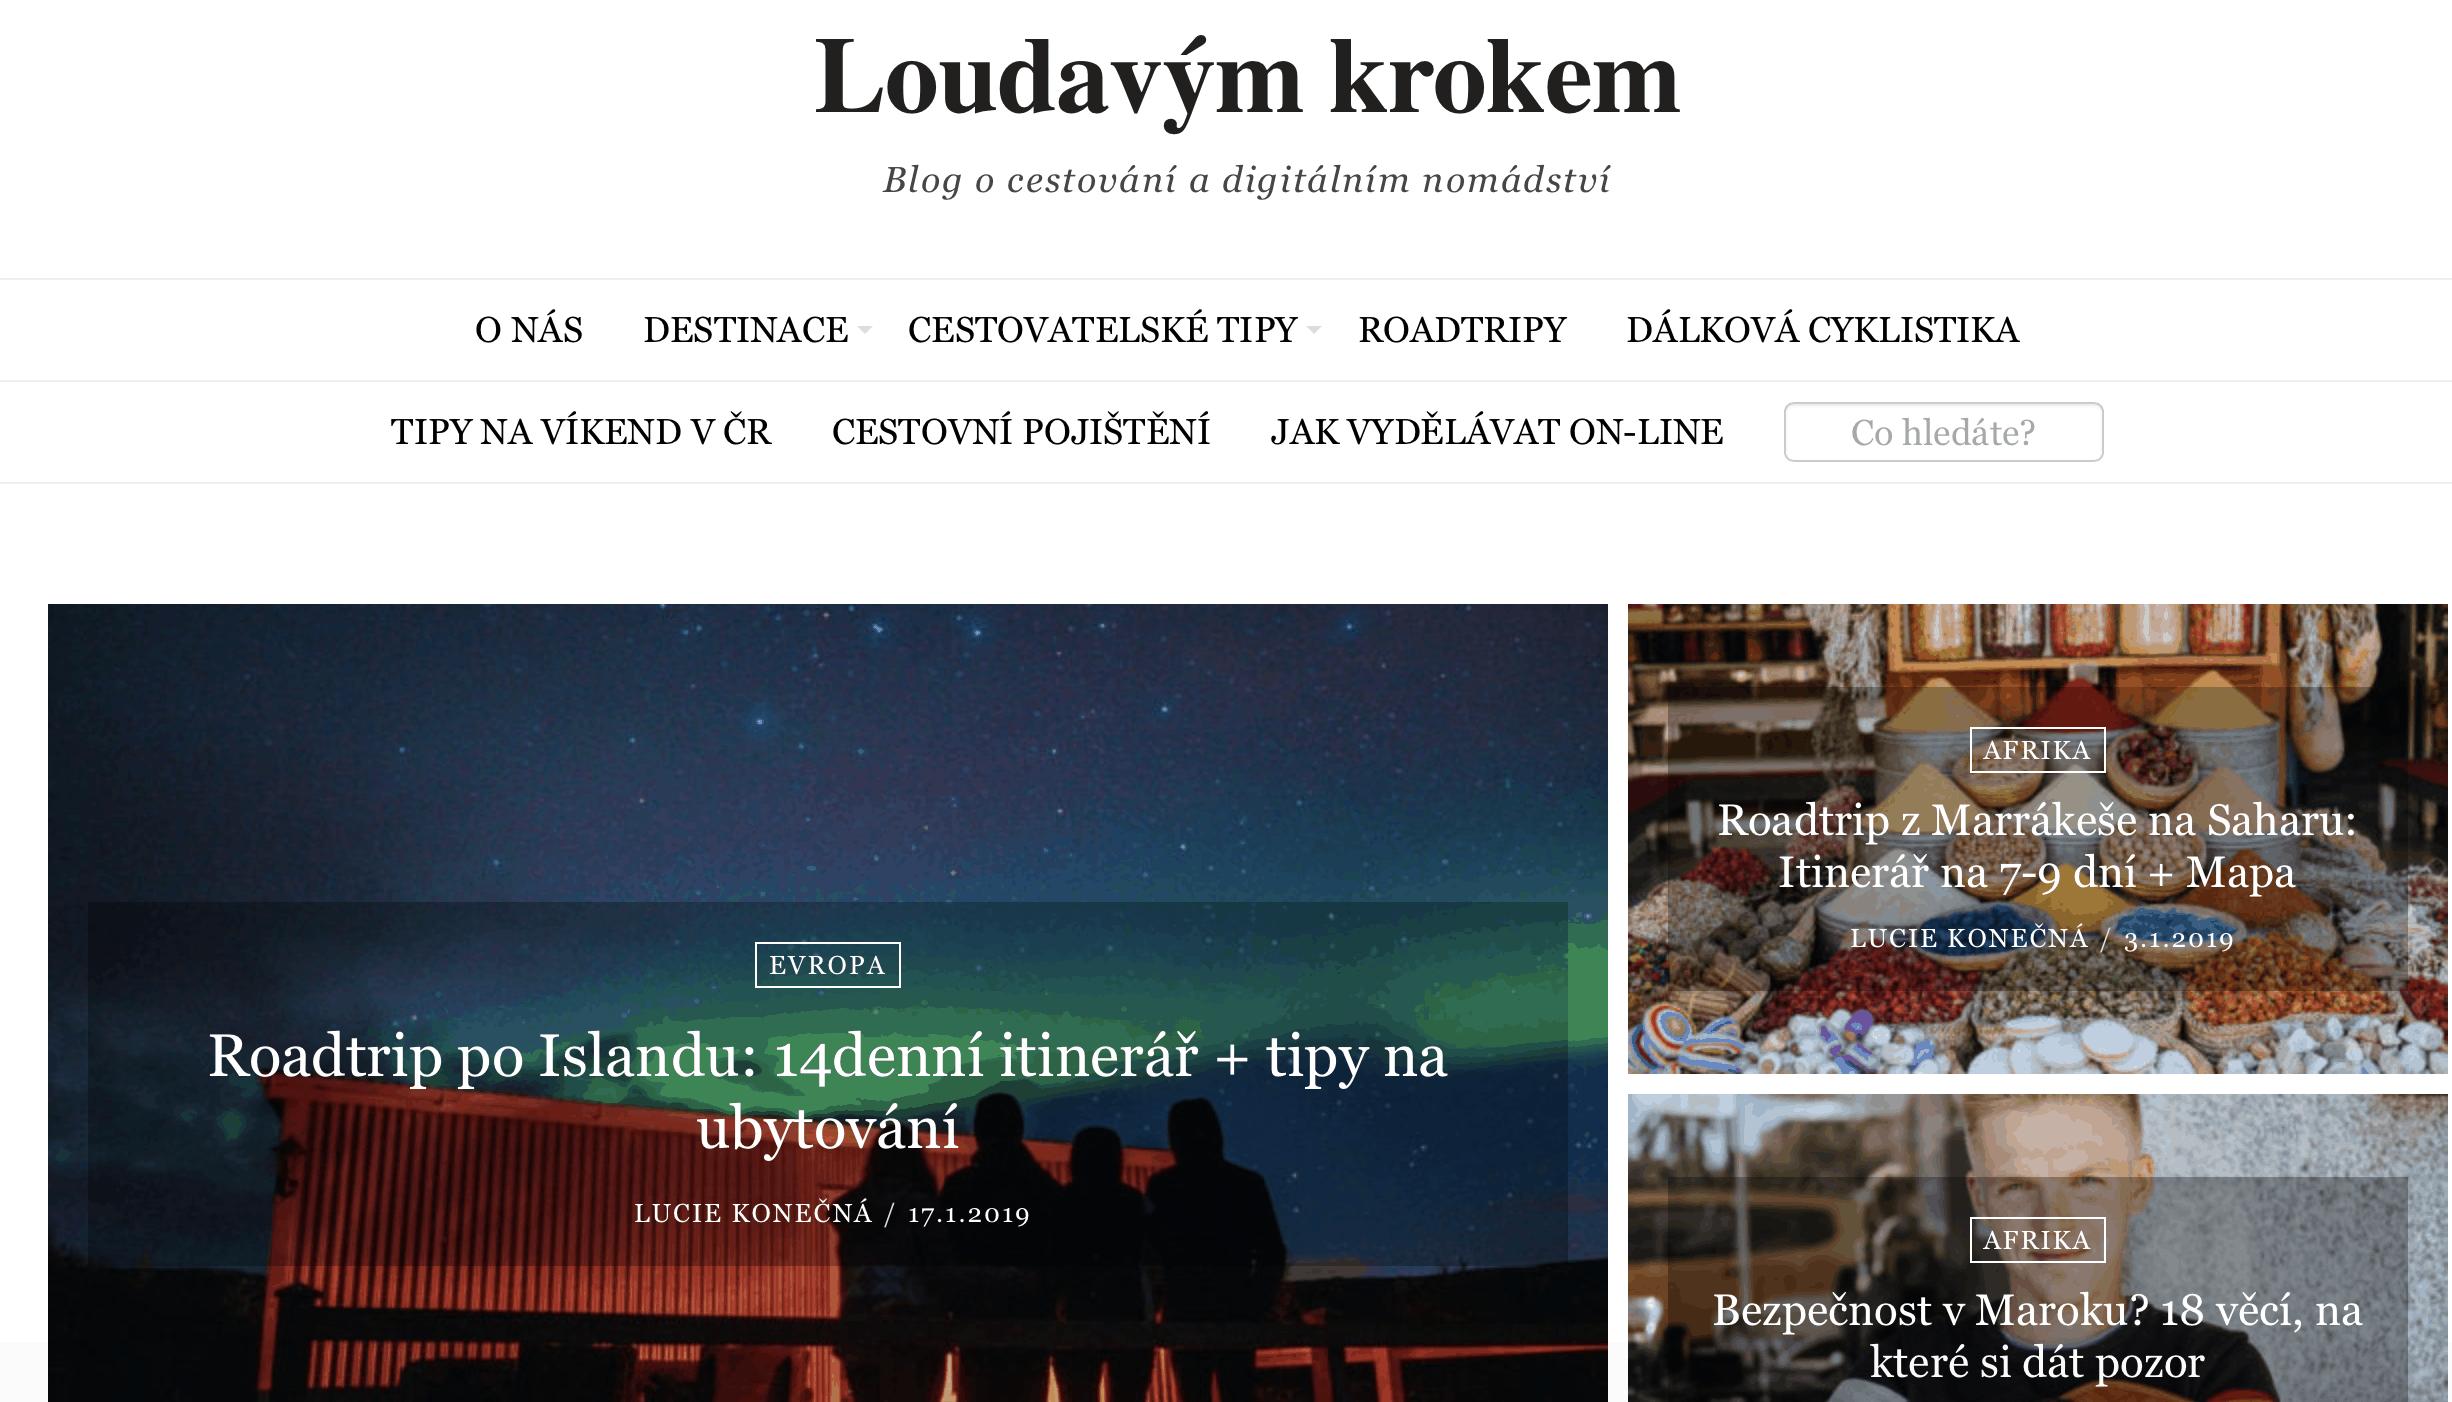 Náš cestovatelský blog - Loudavým krokem